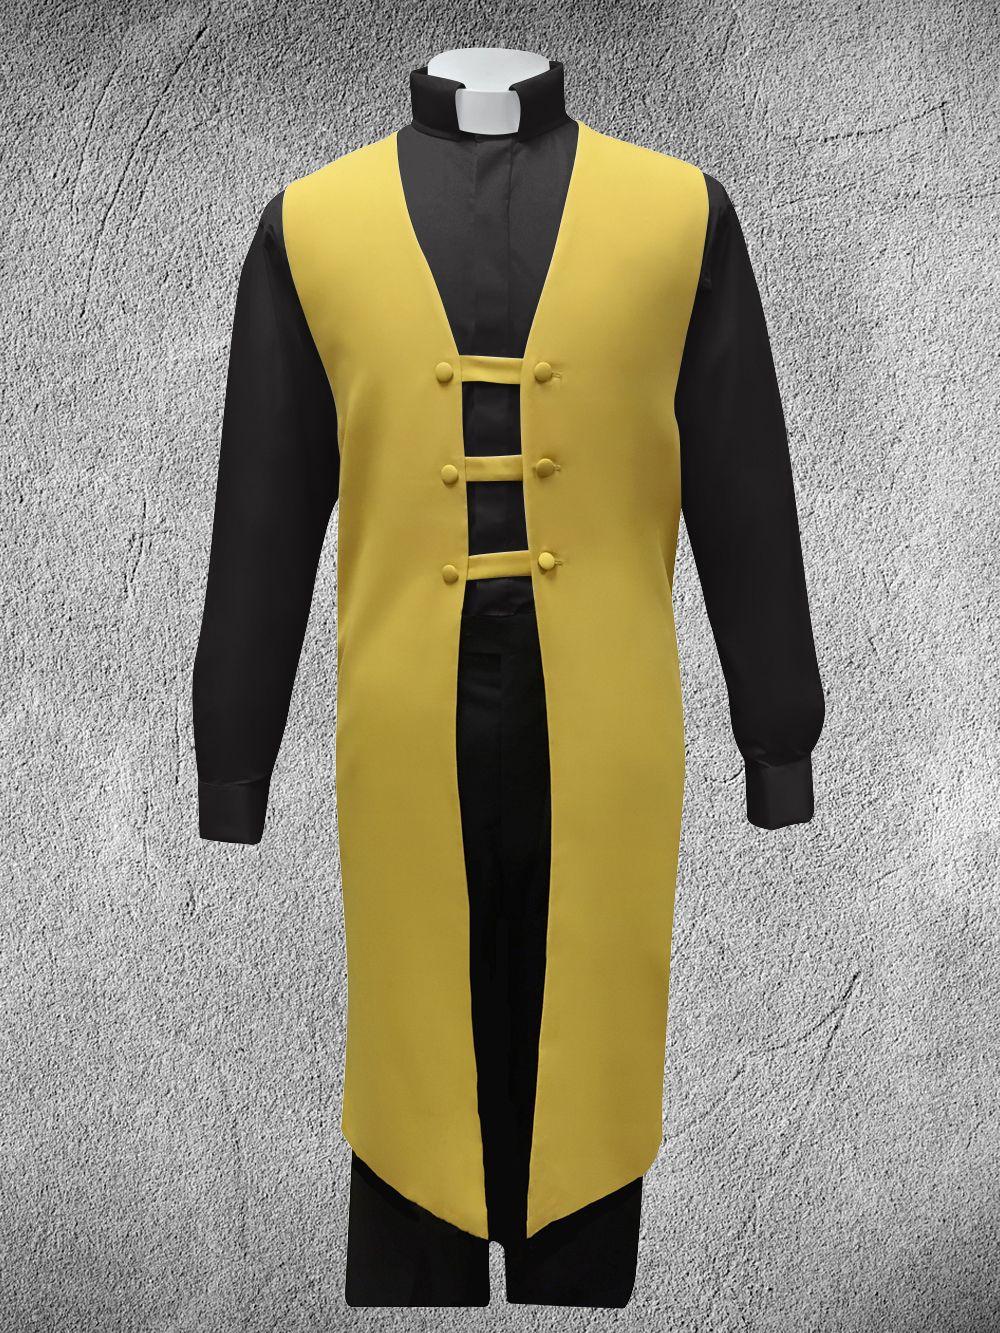 Ministerial Vesture Set Gold/Black